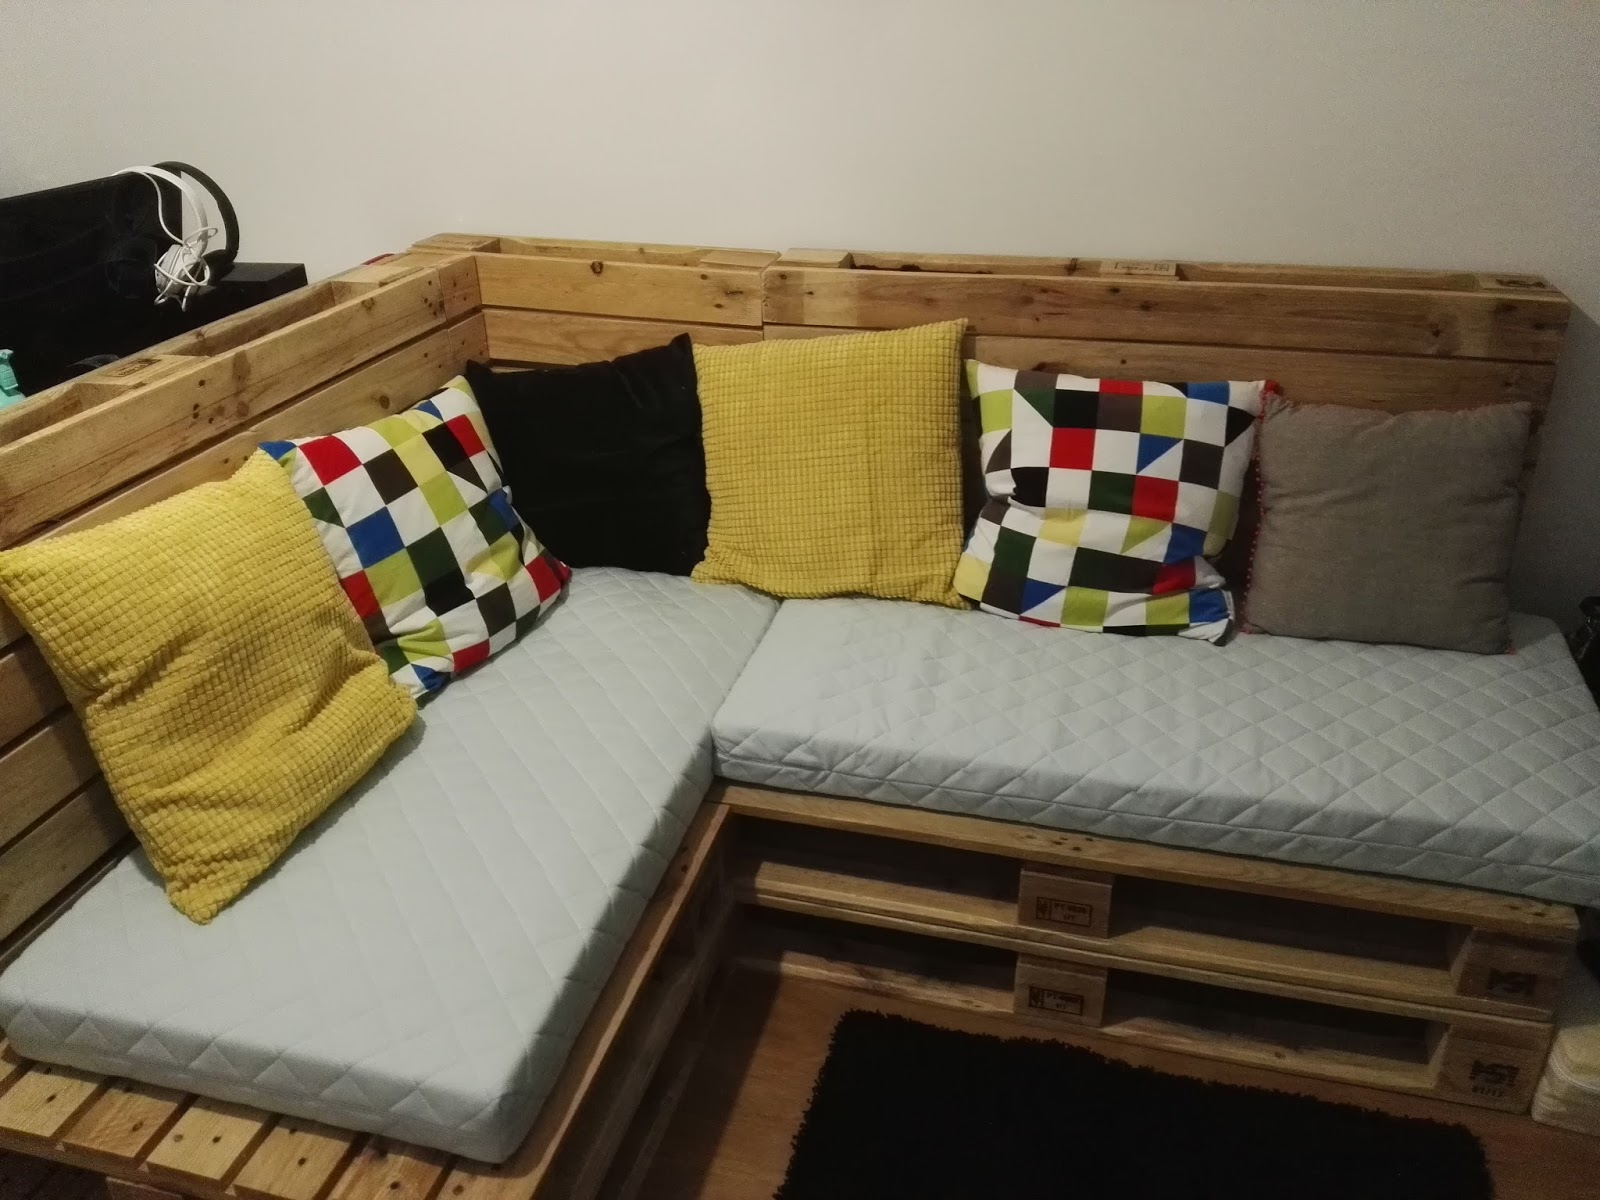 Oficina da madeira cama sof e secret ria com paletes for Cama oficina